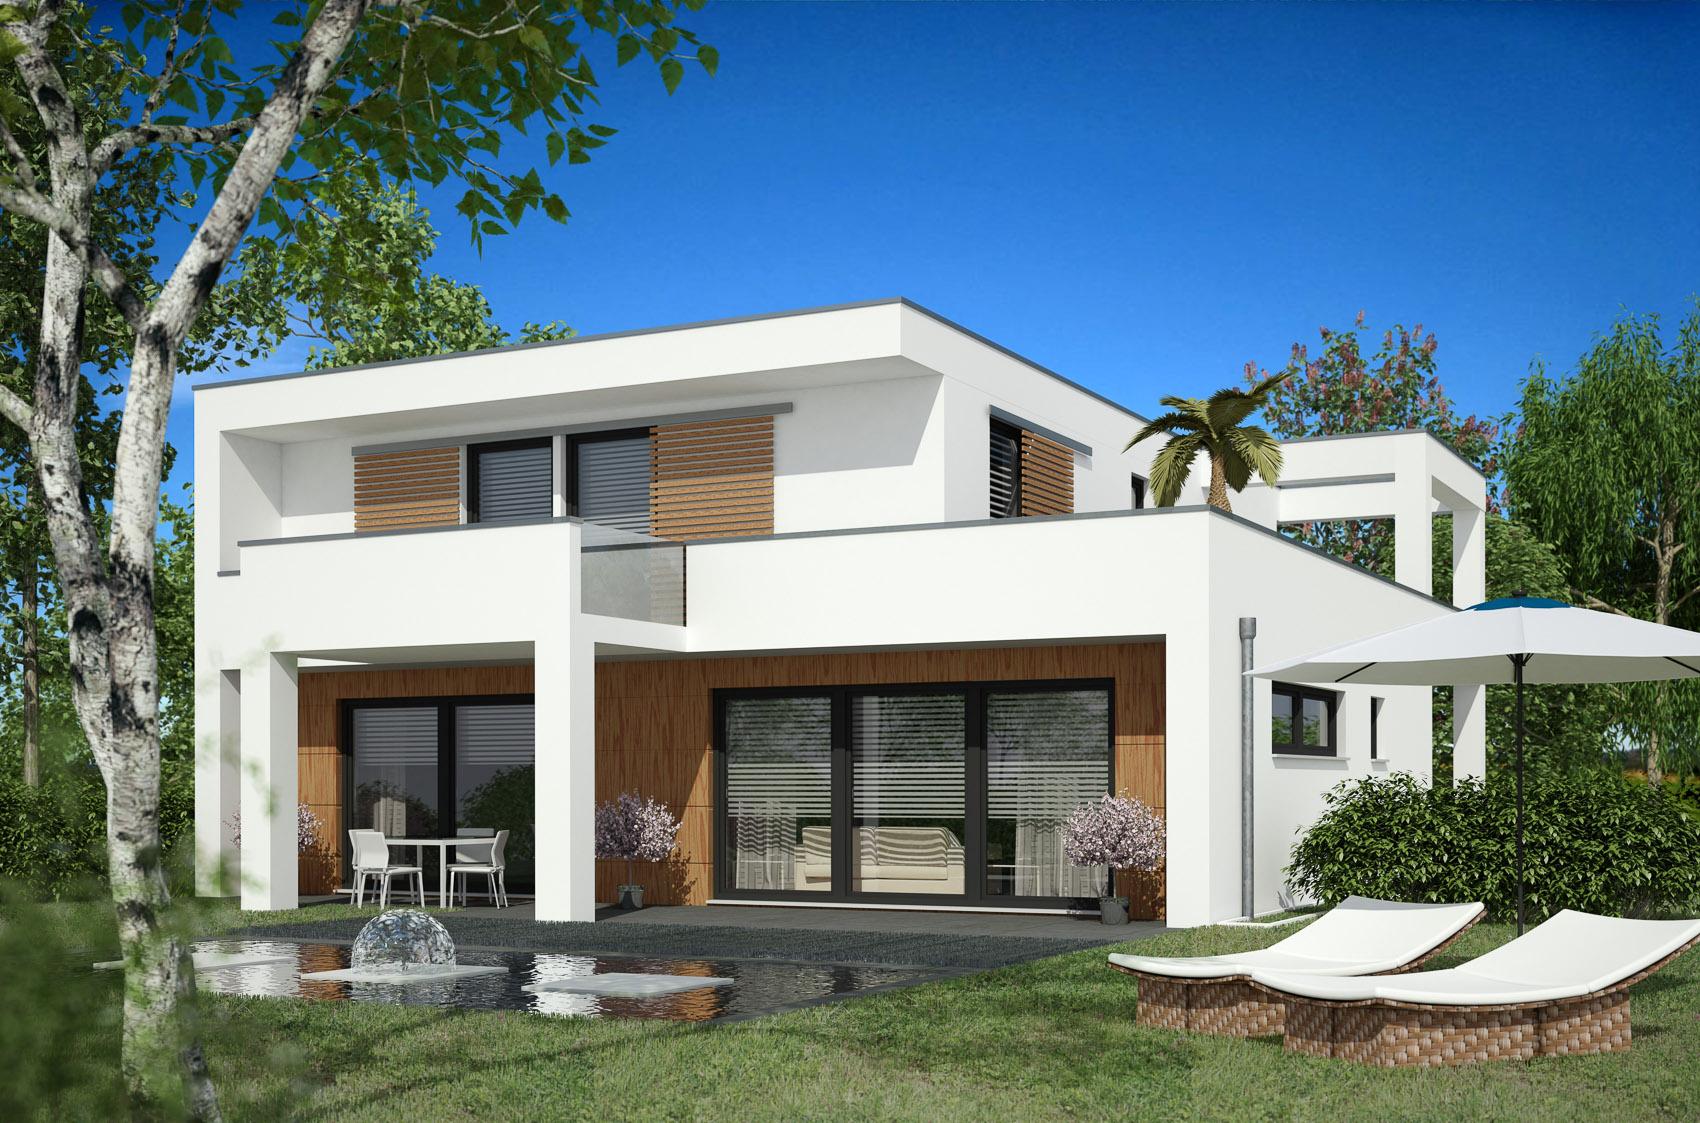 fertighaus holzbau roscher. Black Bedroom Furniture Sets. Home Design Ideas